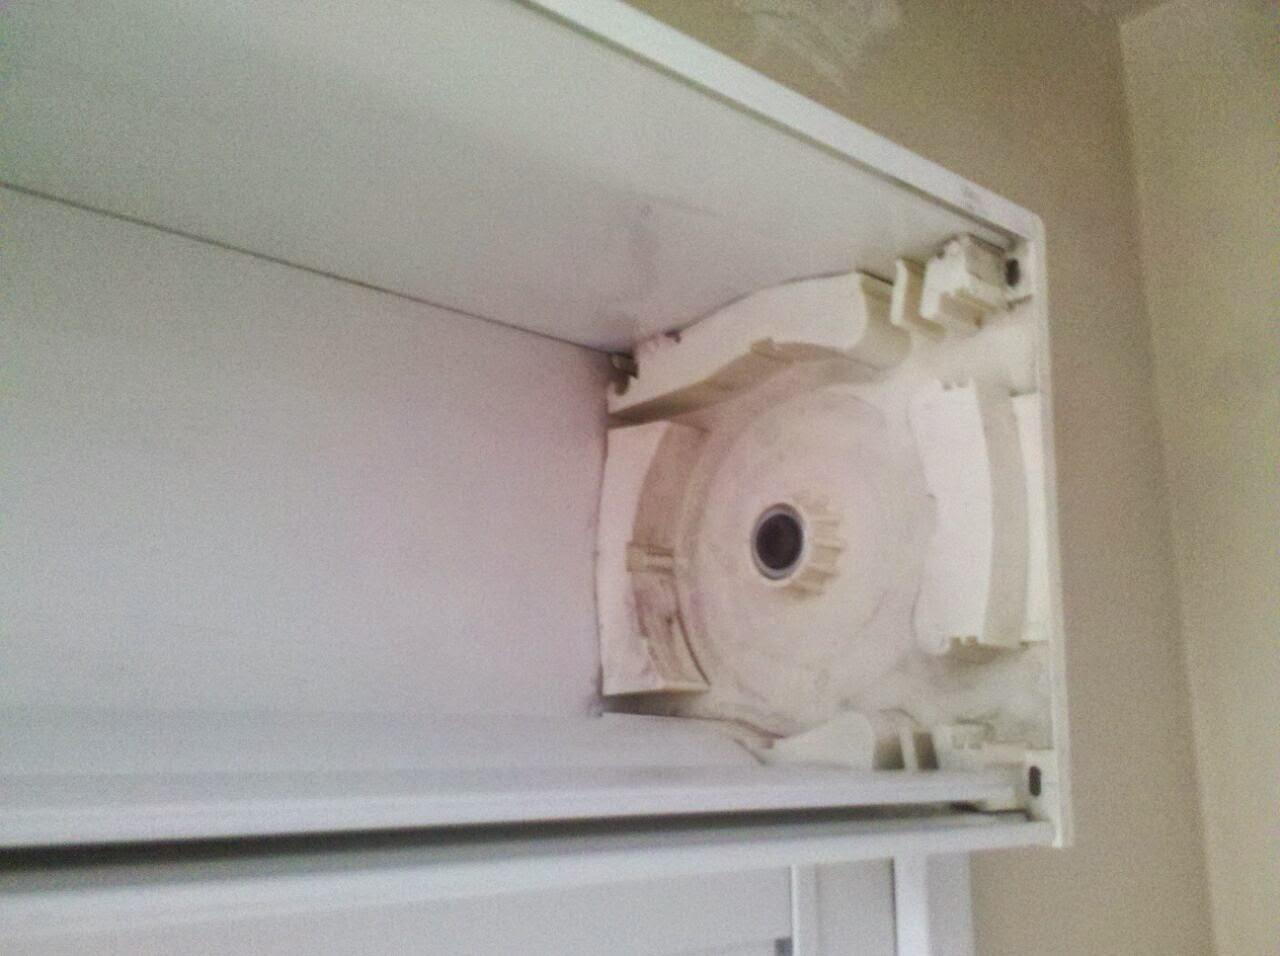 Motores para persiana y puerta cajones de persiana a motorizar complicados - Cajon de persiana interior ...